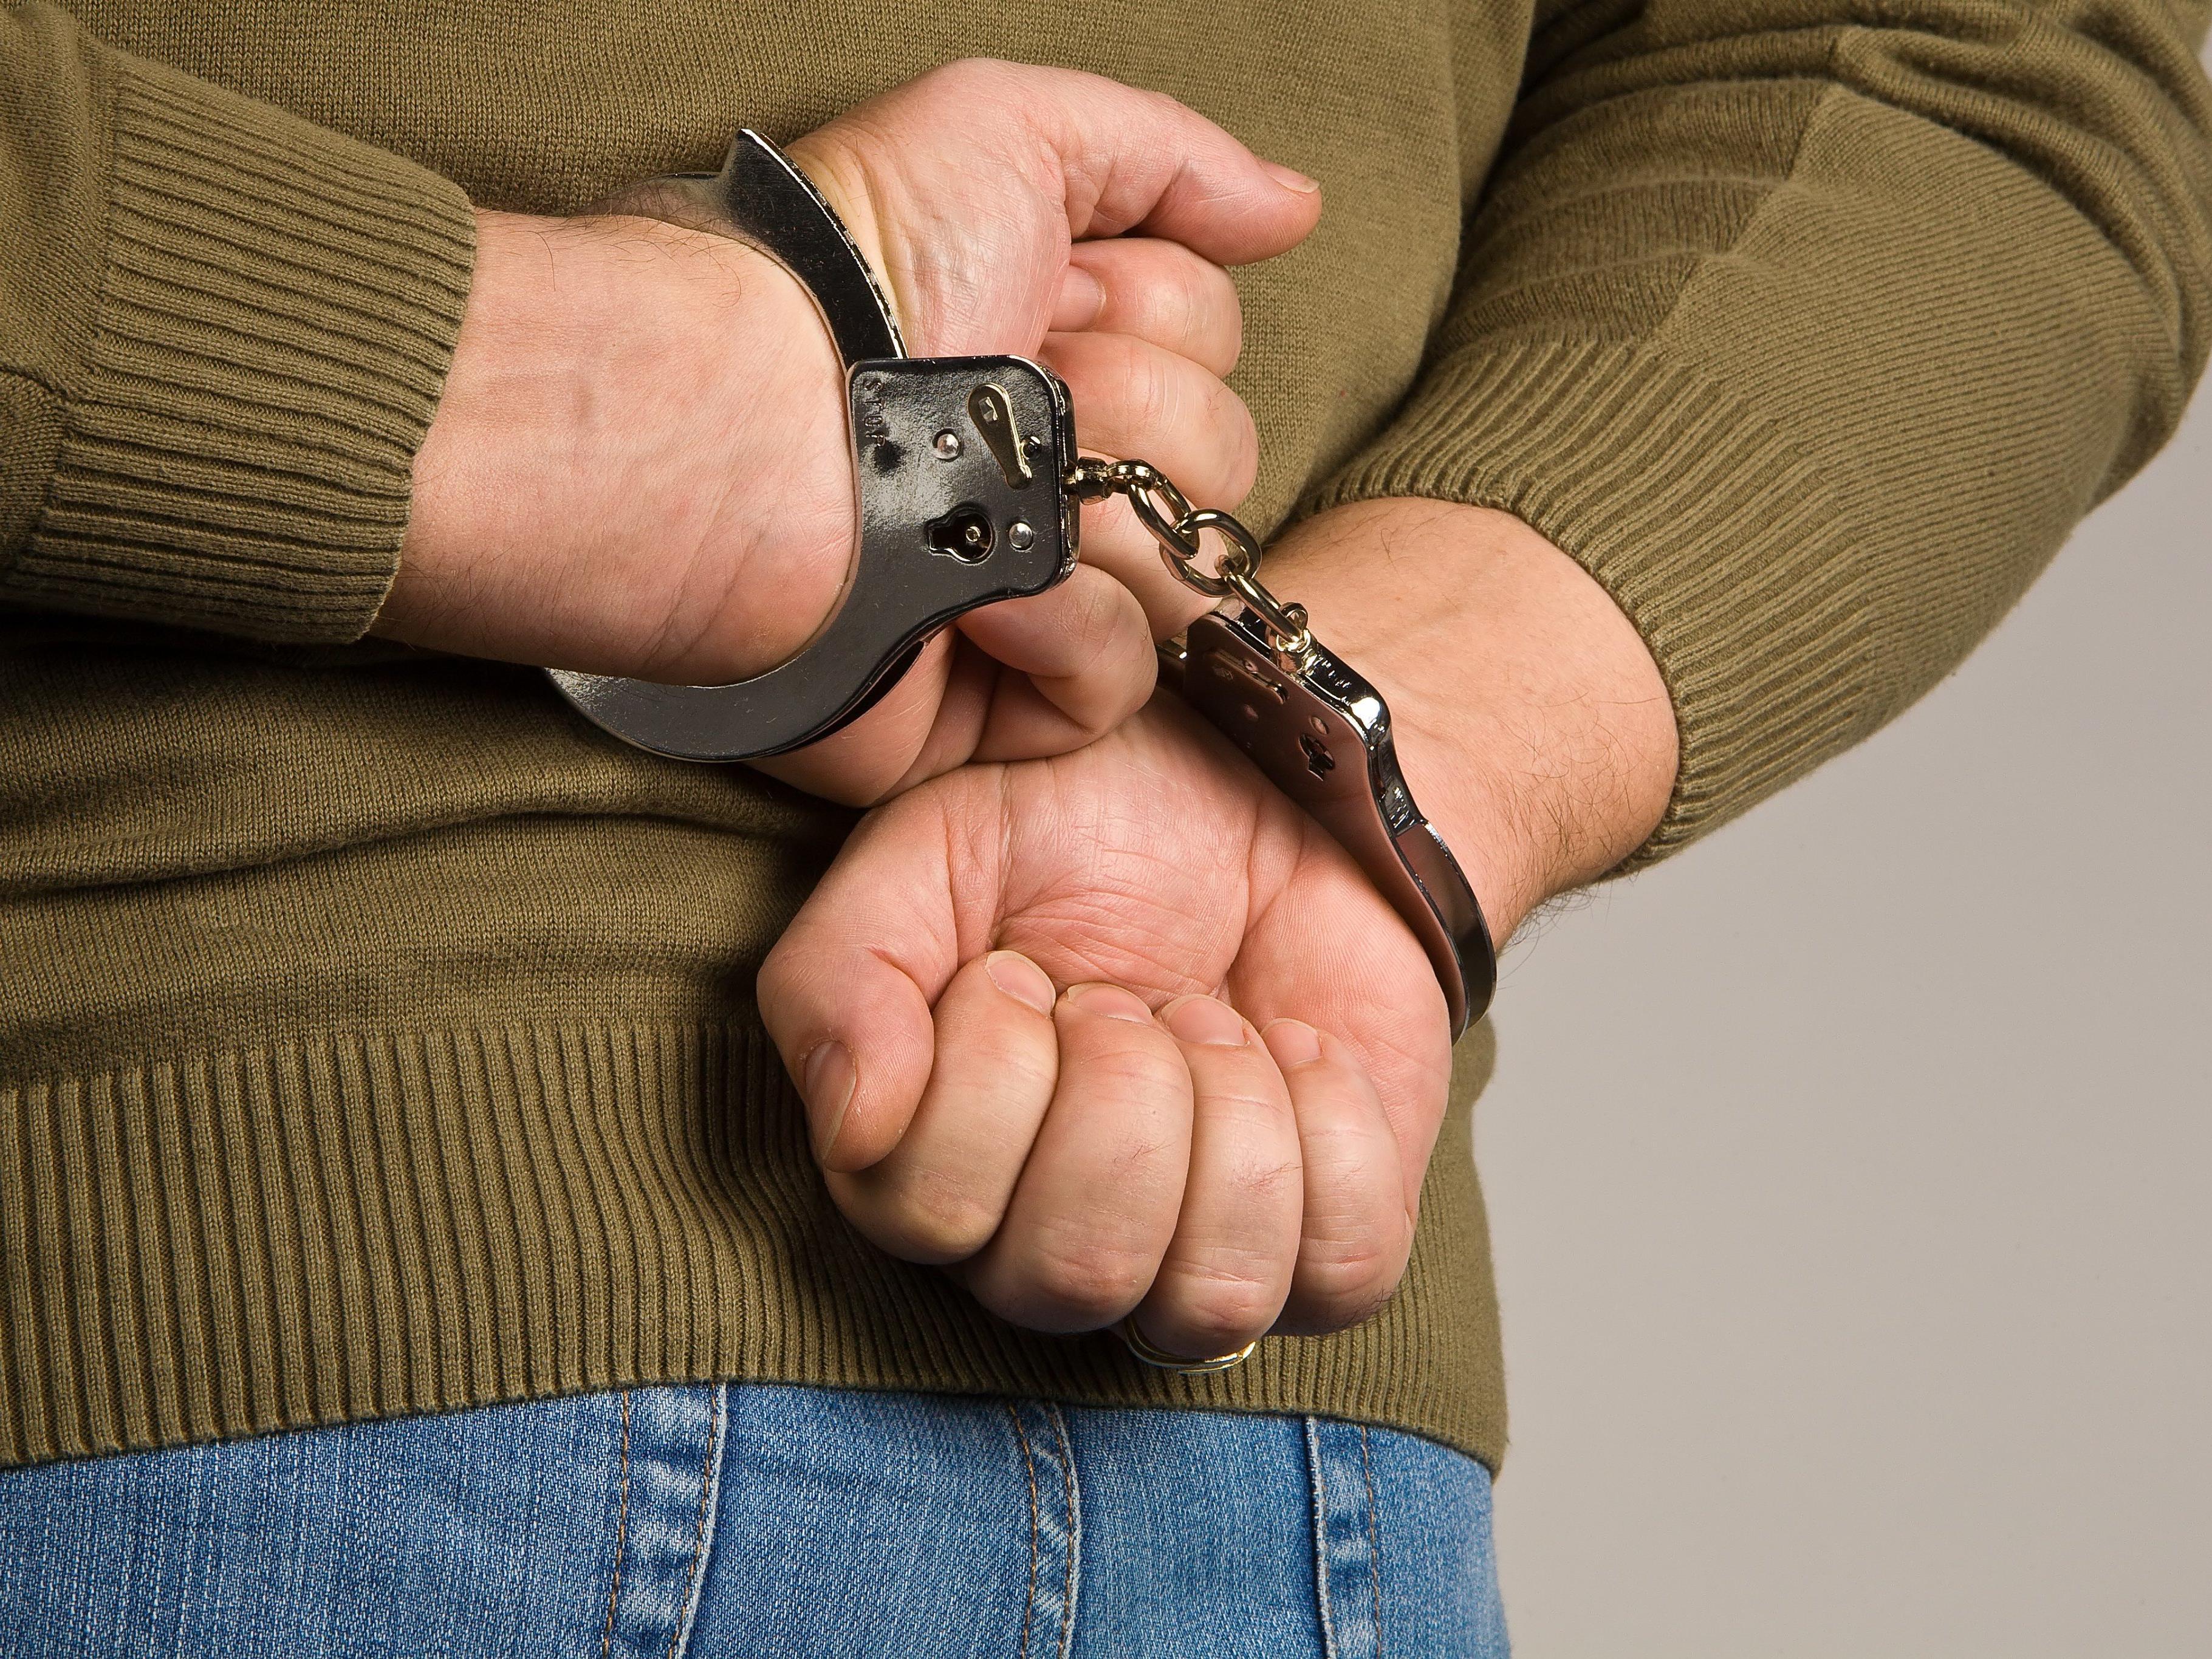 Strafverfahren wegen Einschleusens von Ausländern